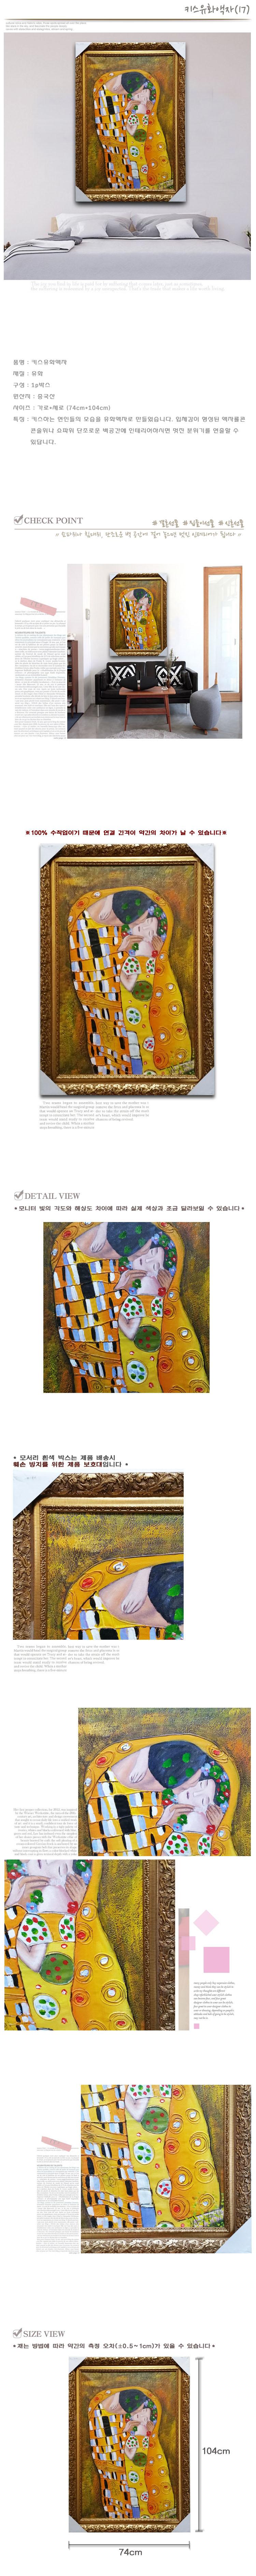 키스유화액자(17) - 유앤티크, 510,000원, 액자, 벽걸이액자